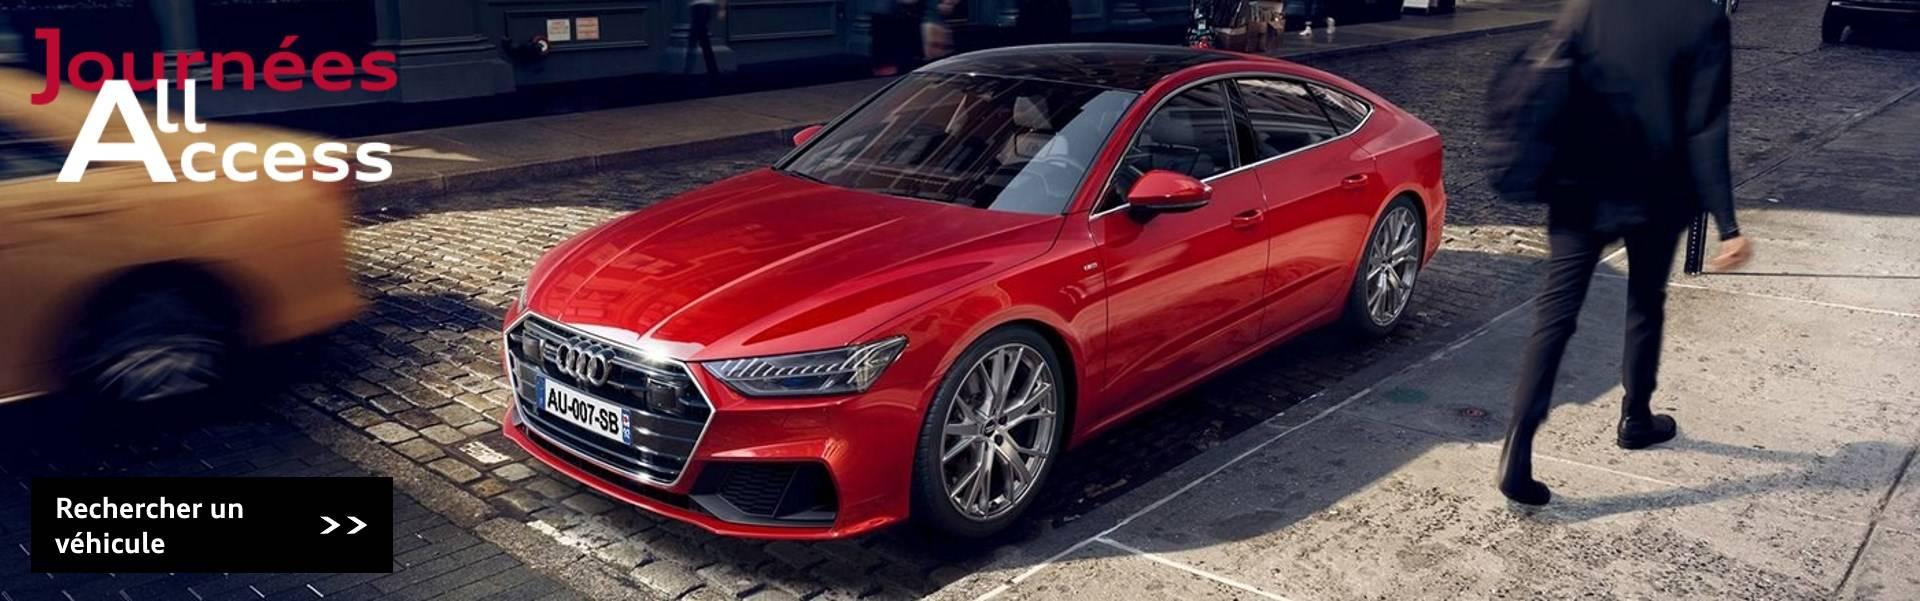 Journées All Access Audi Occasion :plus 2018